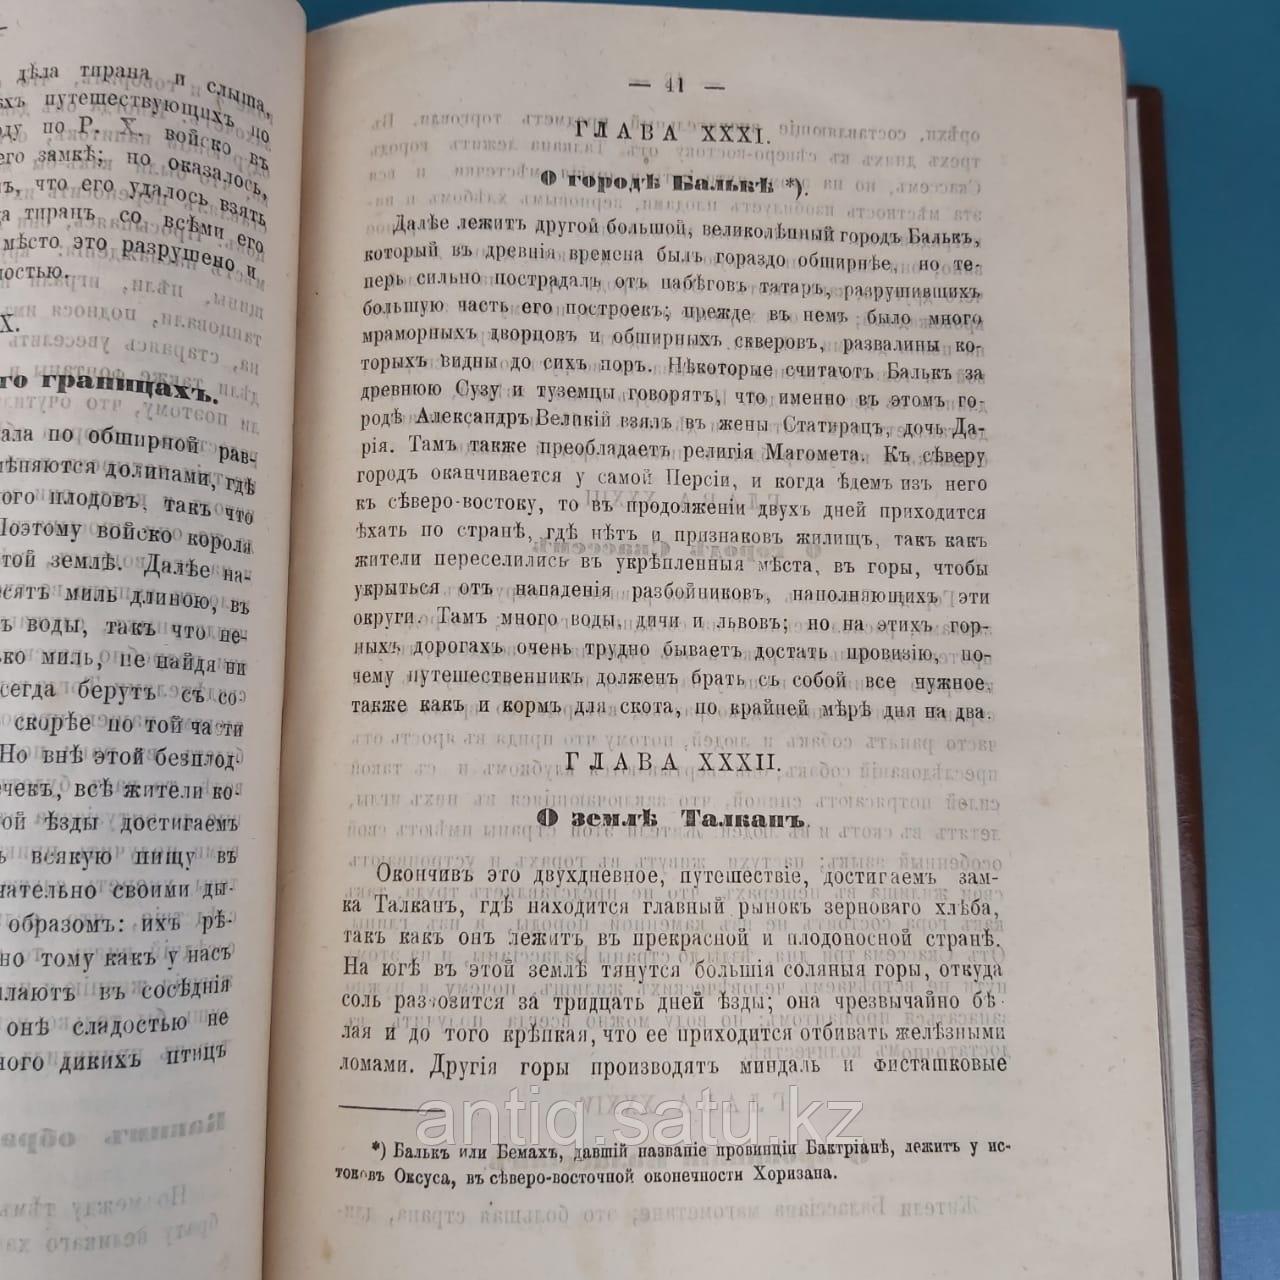 Путешествие в 1286 году по Татарии и другим странам Востока венецианского дворянина Марко Поло. - фото 6